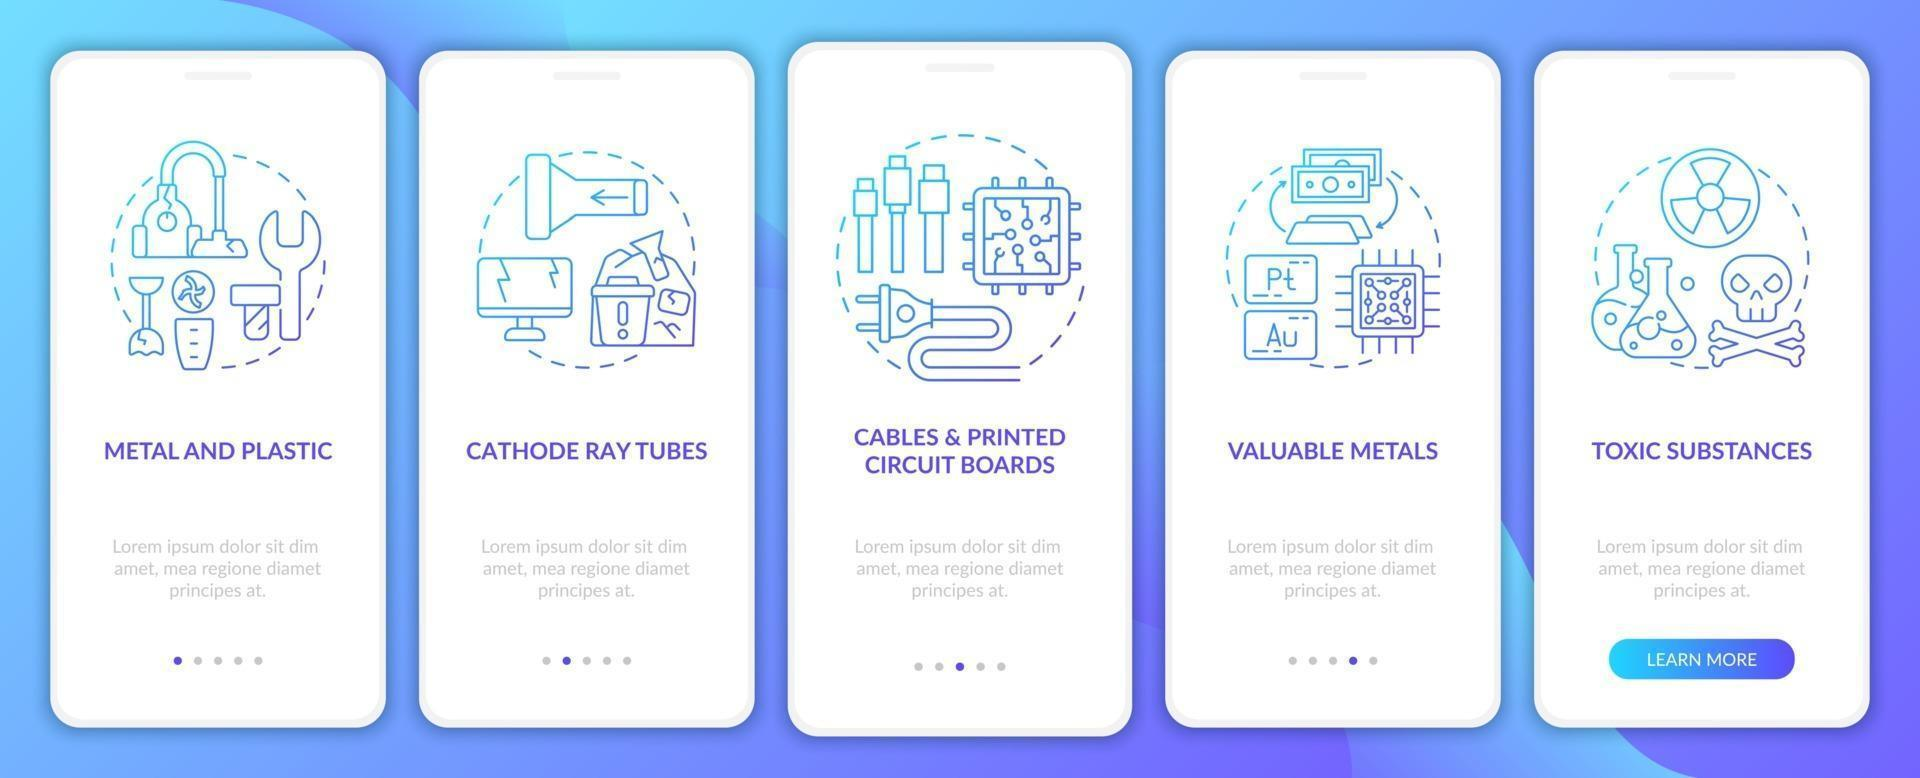 componenti dei rifiuti tossici onboarding schermata della pagina dell'app mobile con concetti vettore